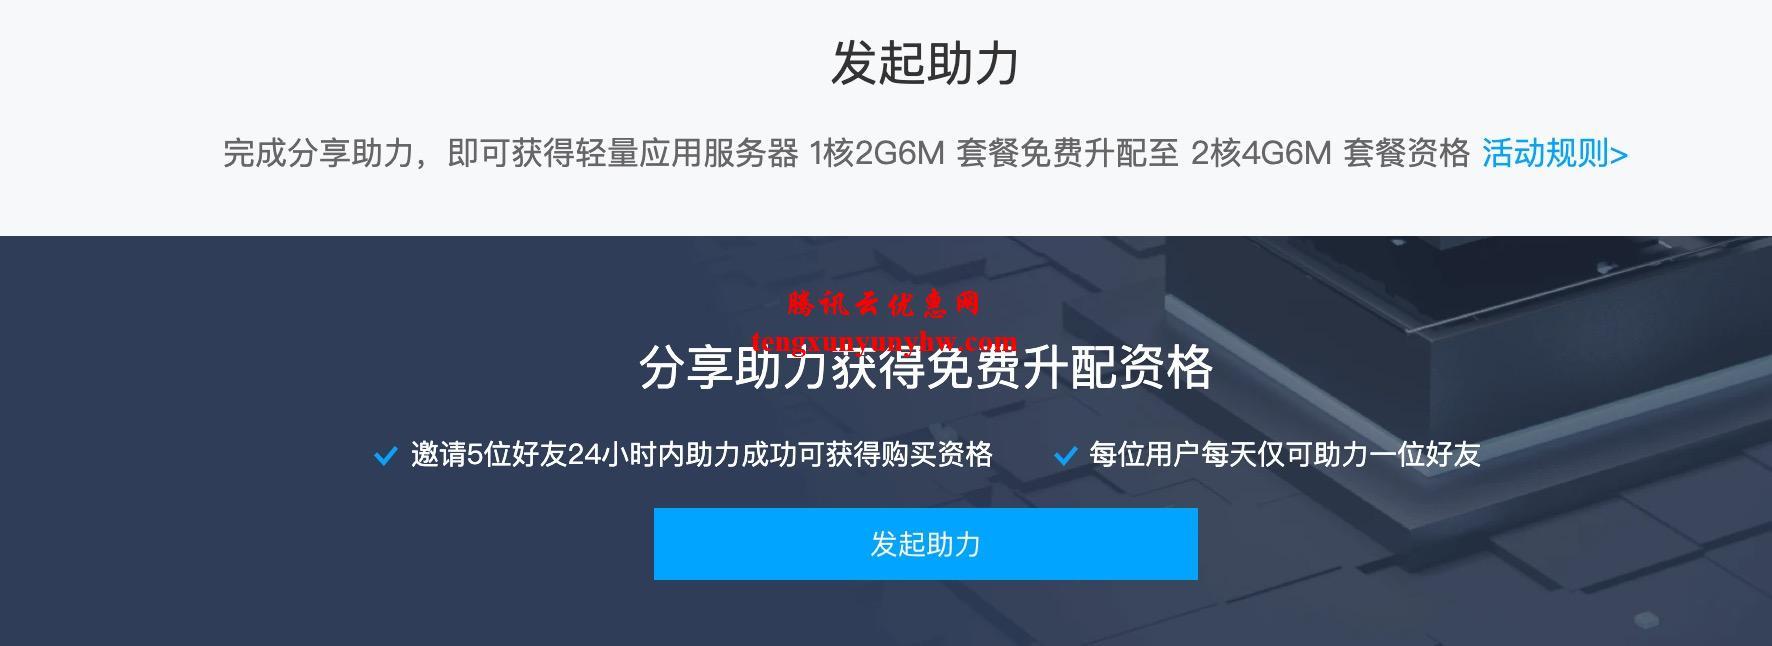 腾讯云轻量应用服务器周年庆